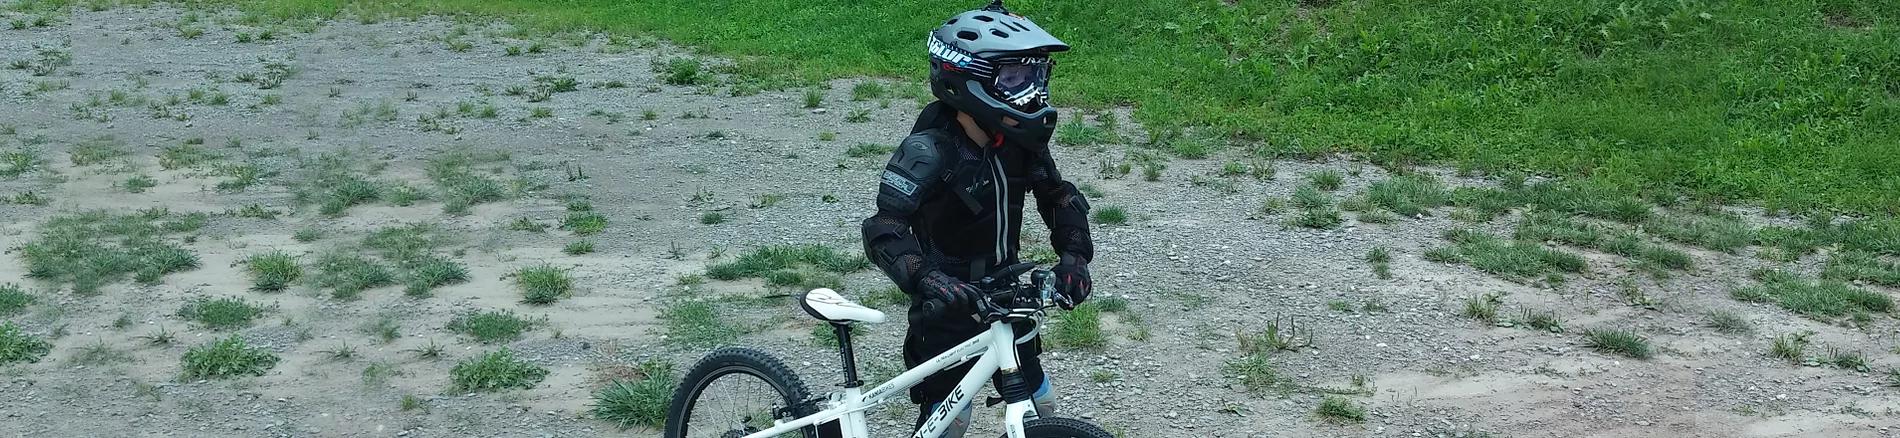 Kind auf einem E-Bike mit Sicherheitsausrüstung im Freien